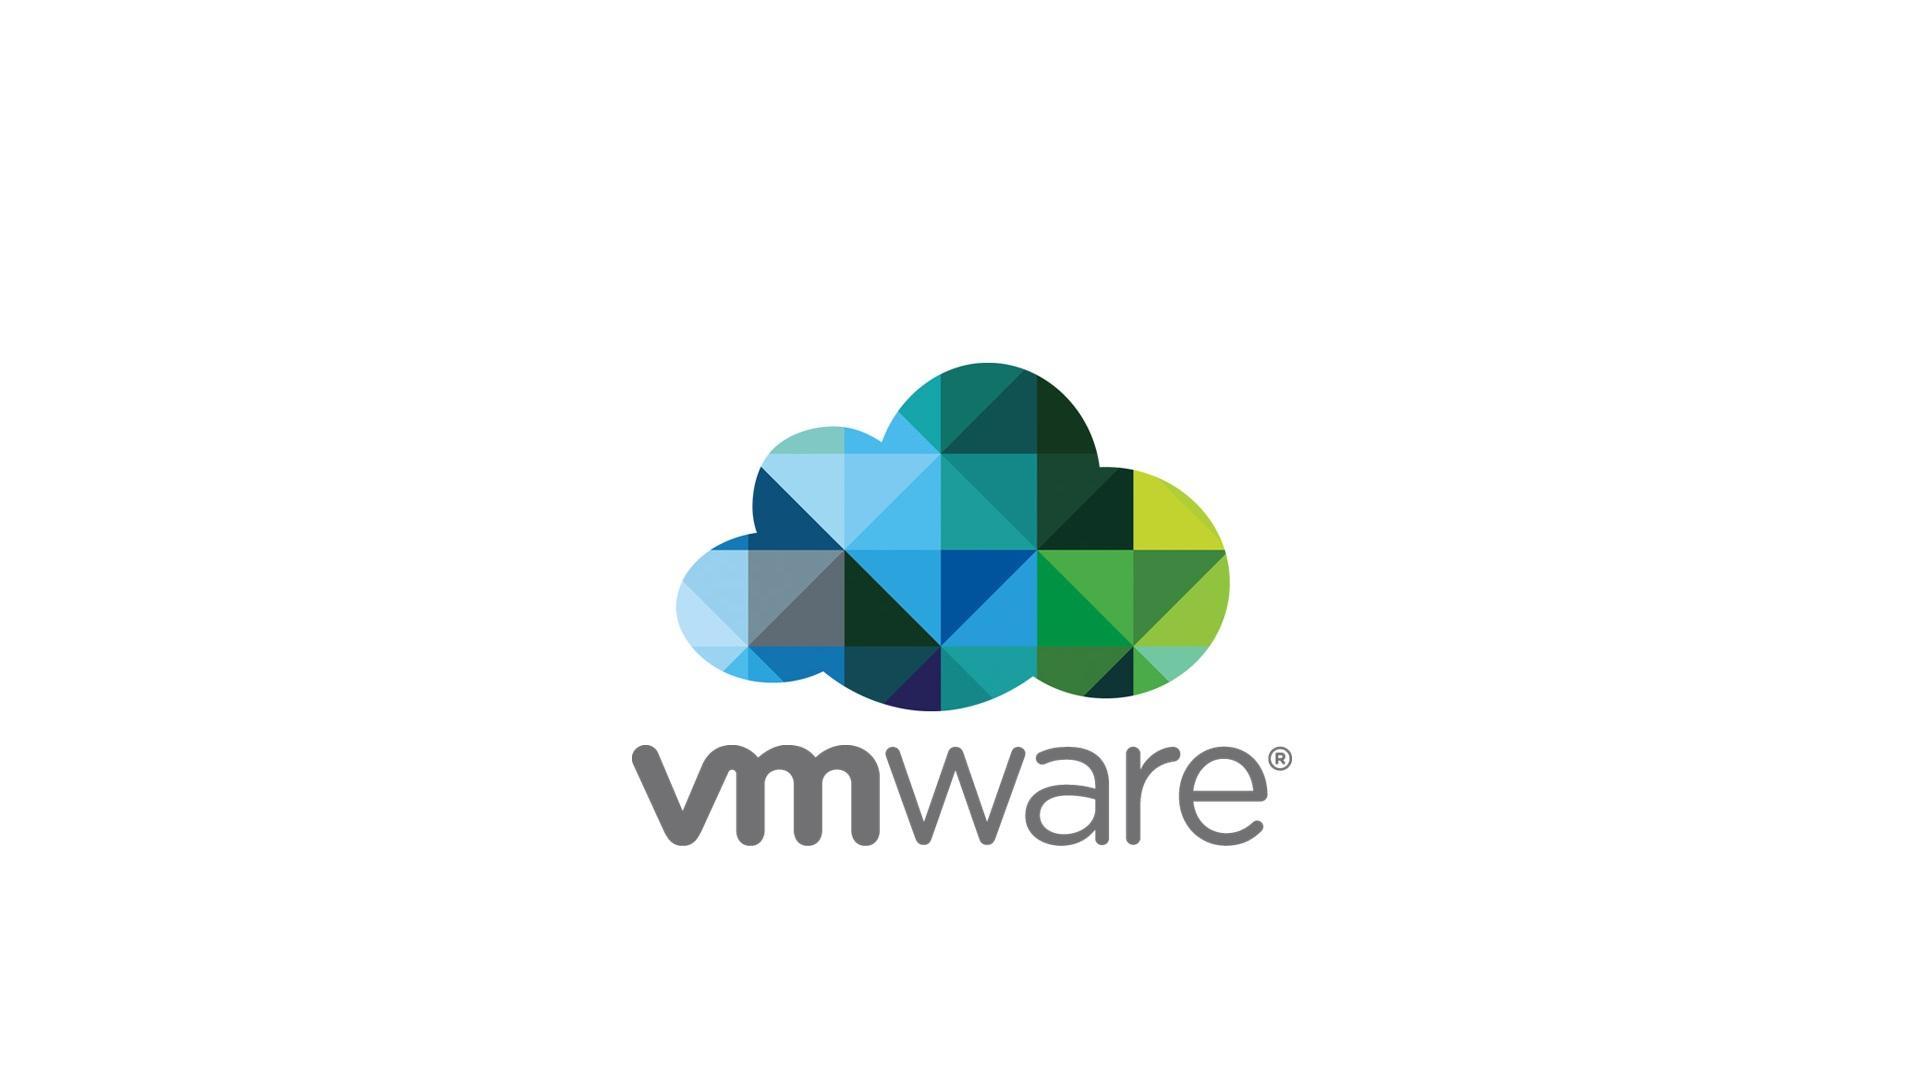 Vmware Web Site